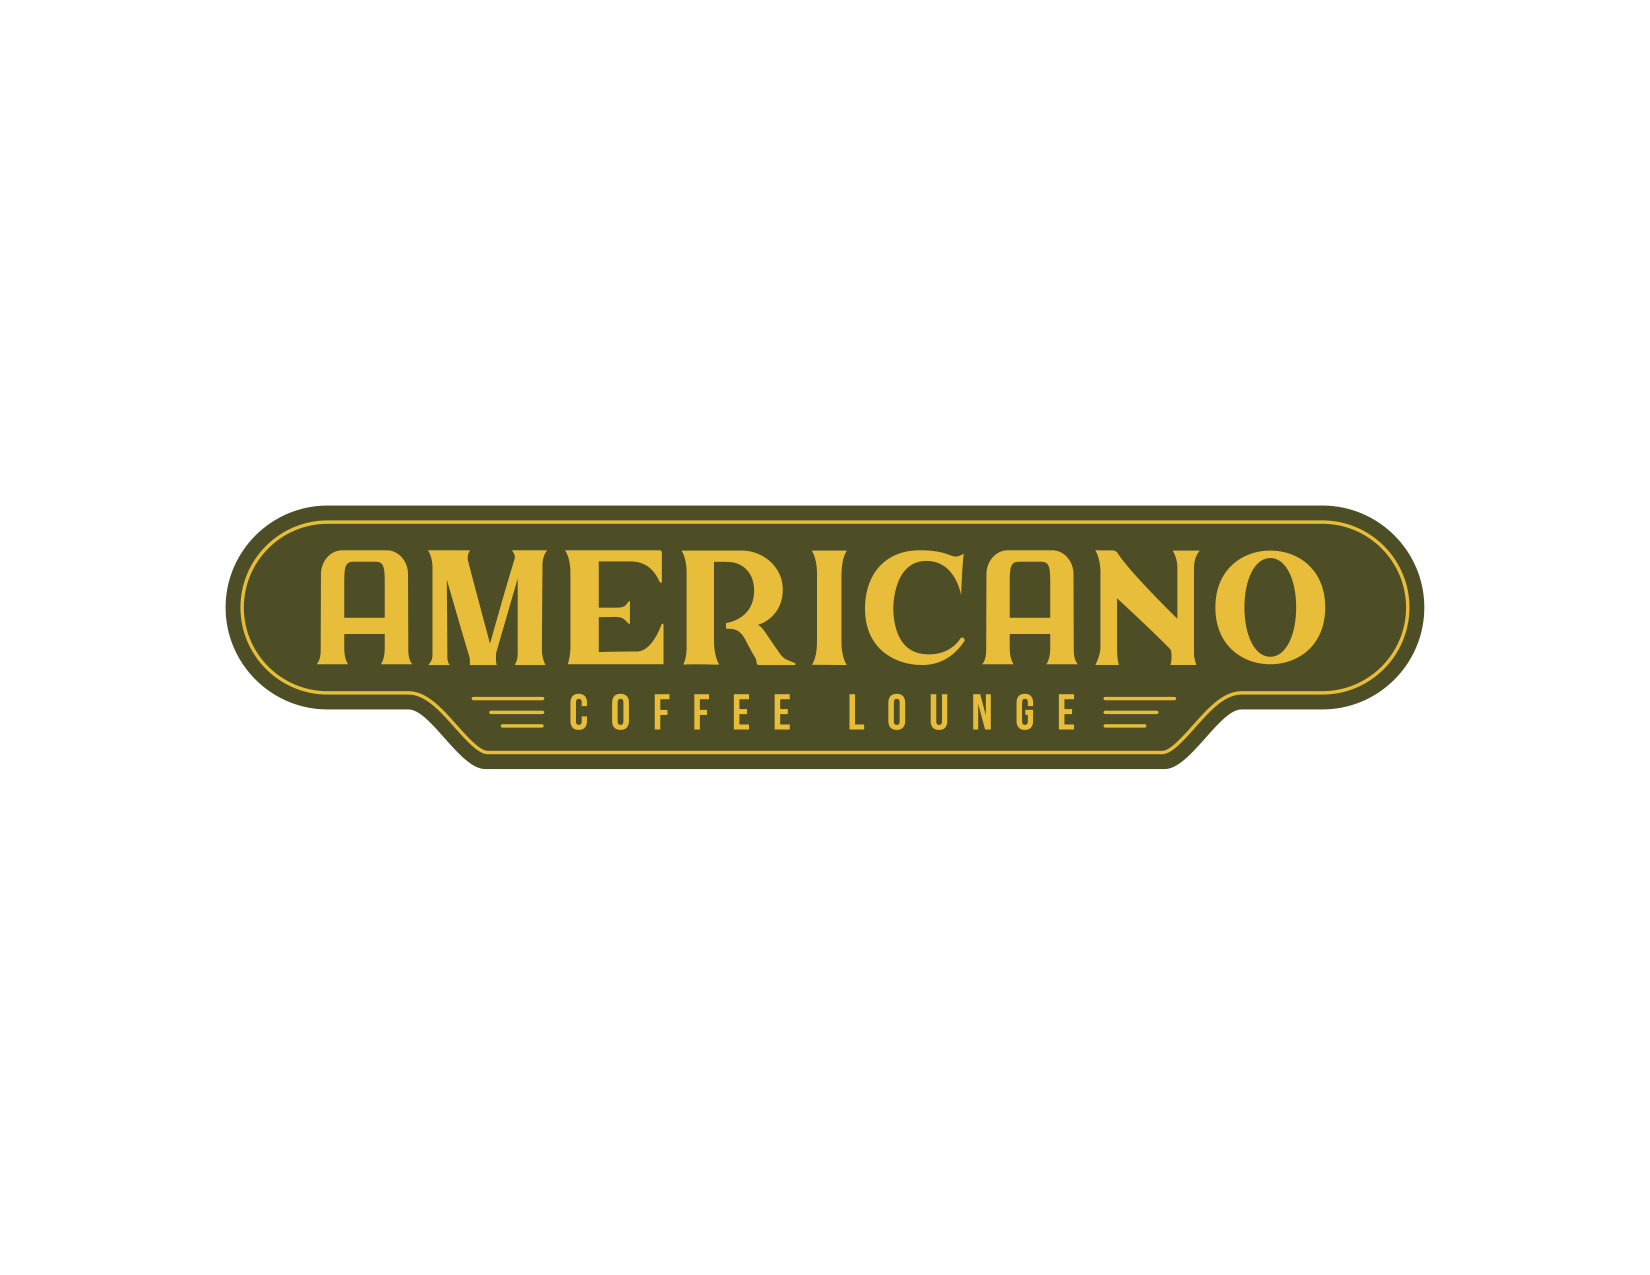 Americano Logo Color copy 2.jpg